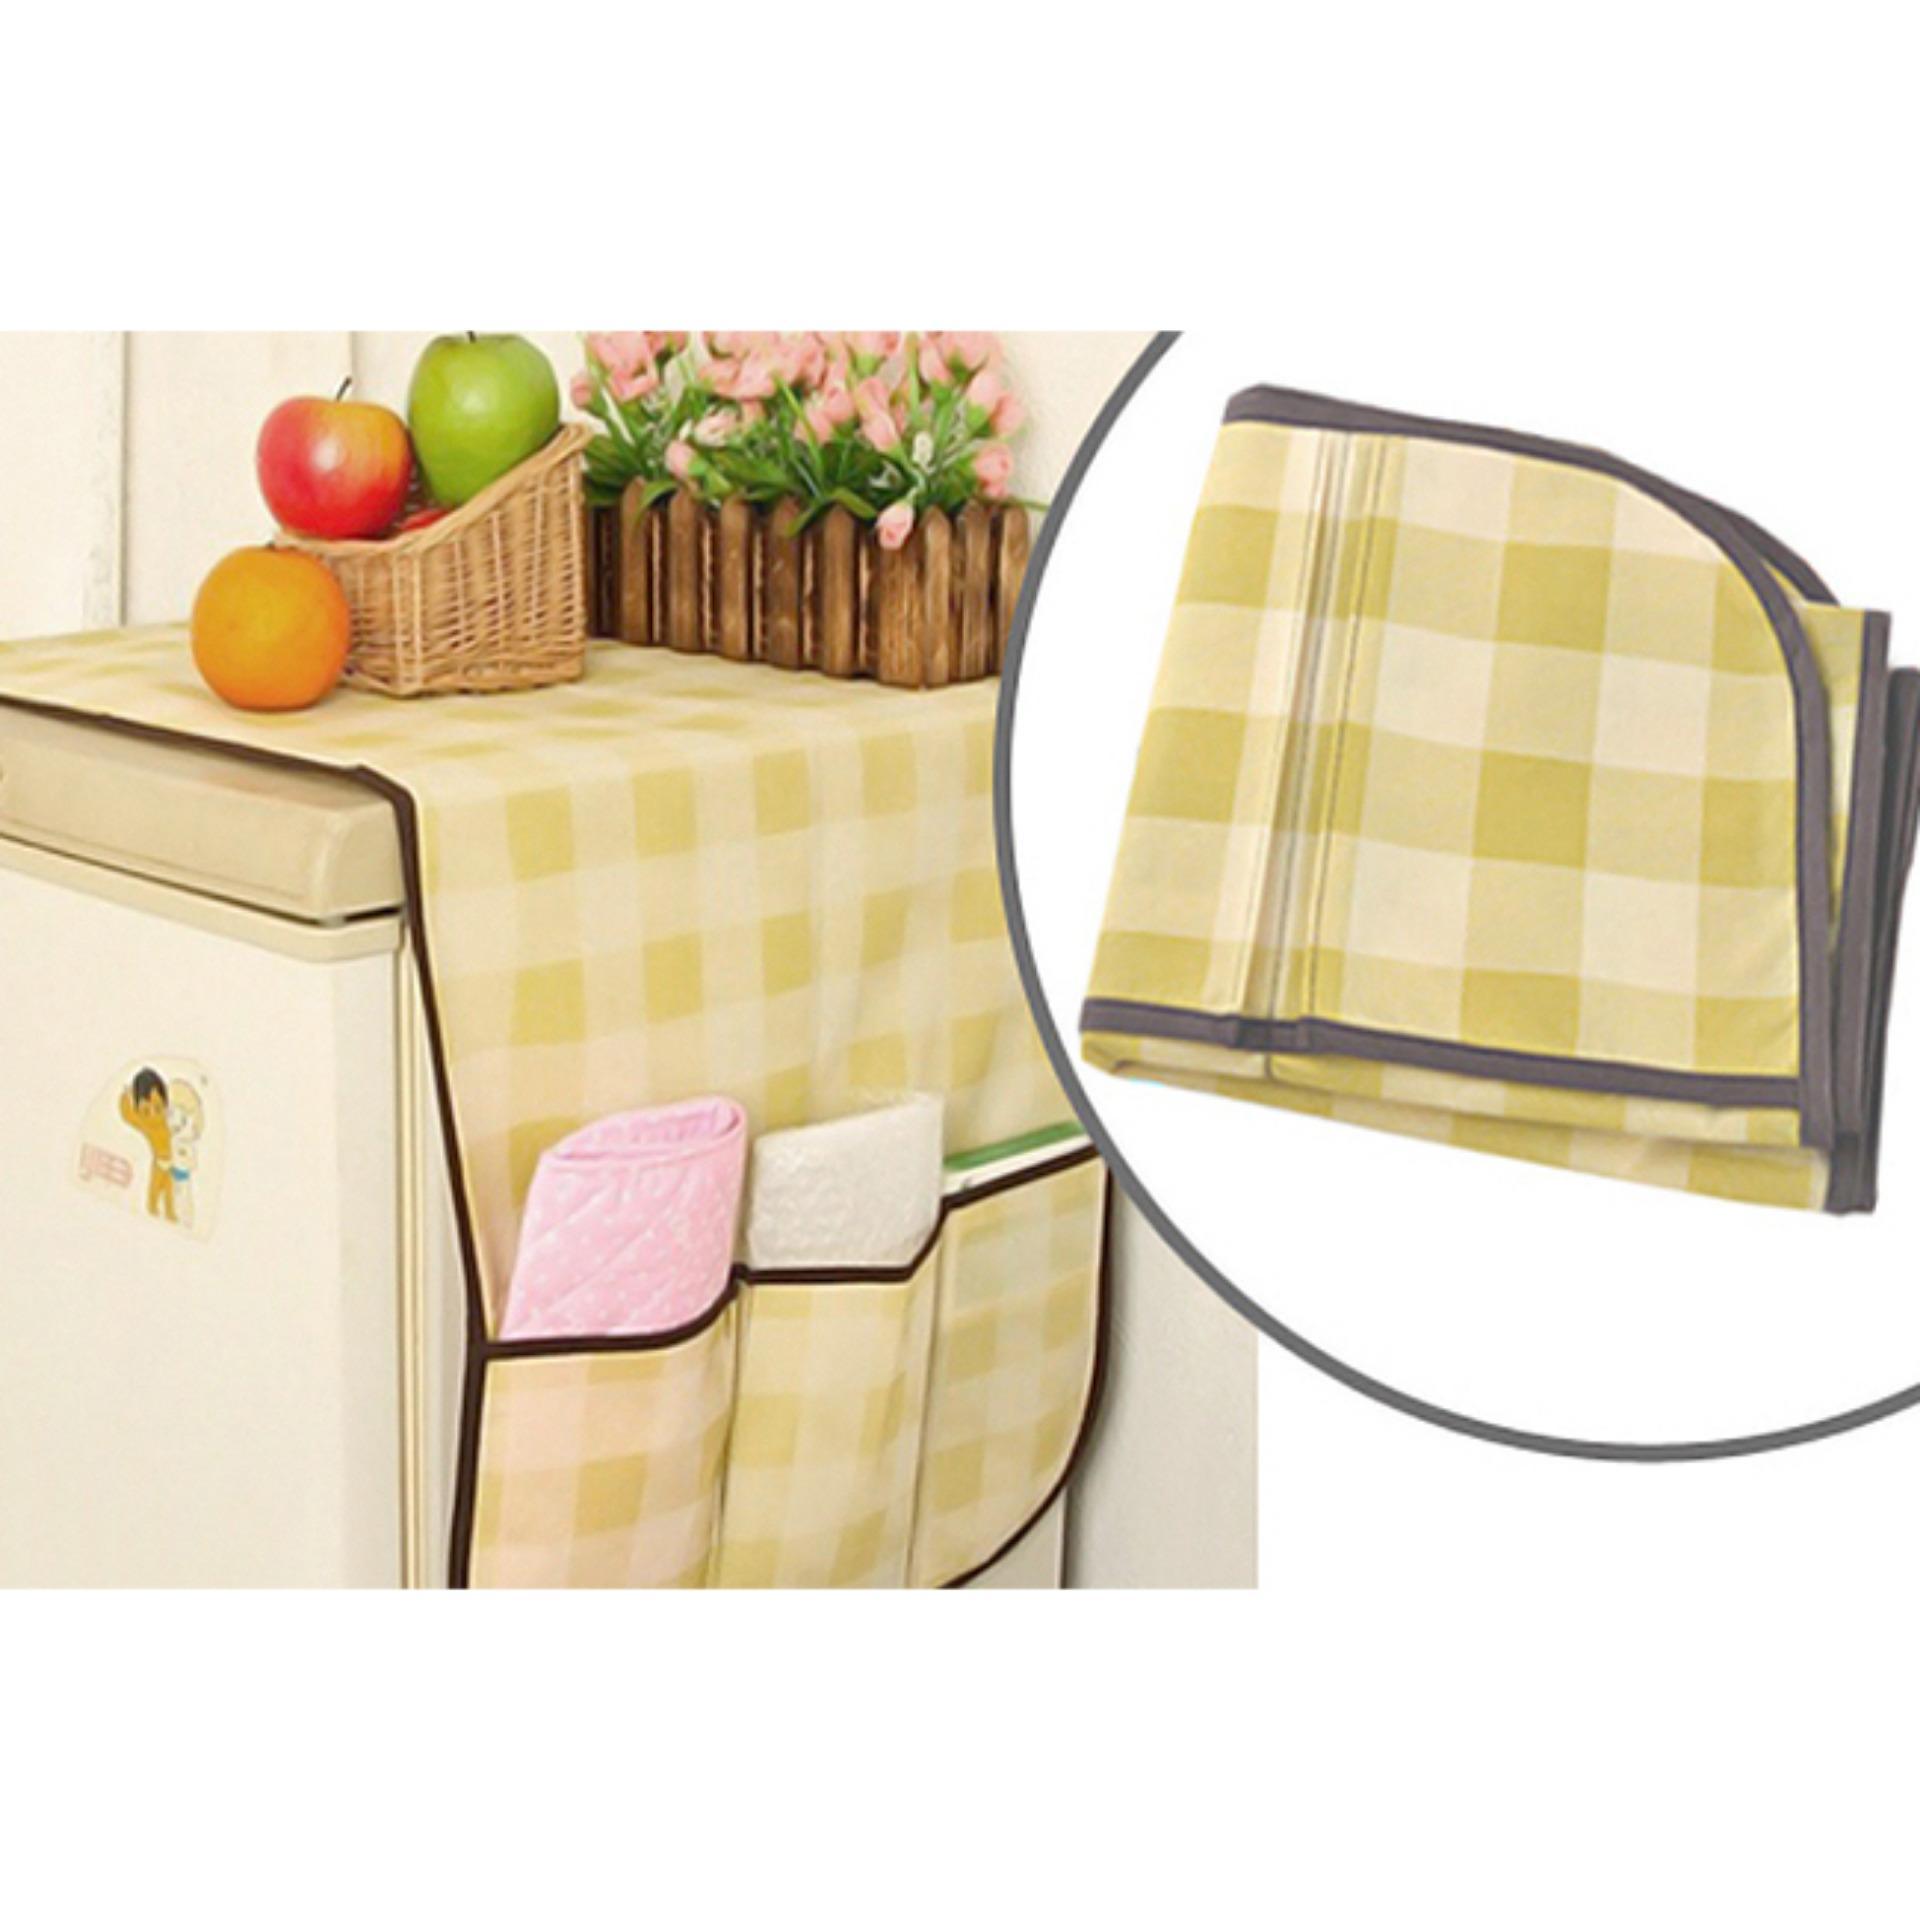 Hình ảnh Tấm phủ tủ lạnh có túi chứa đồ tiết kiệm diện tích